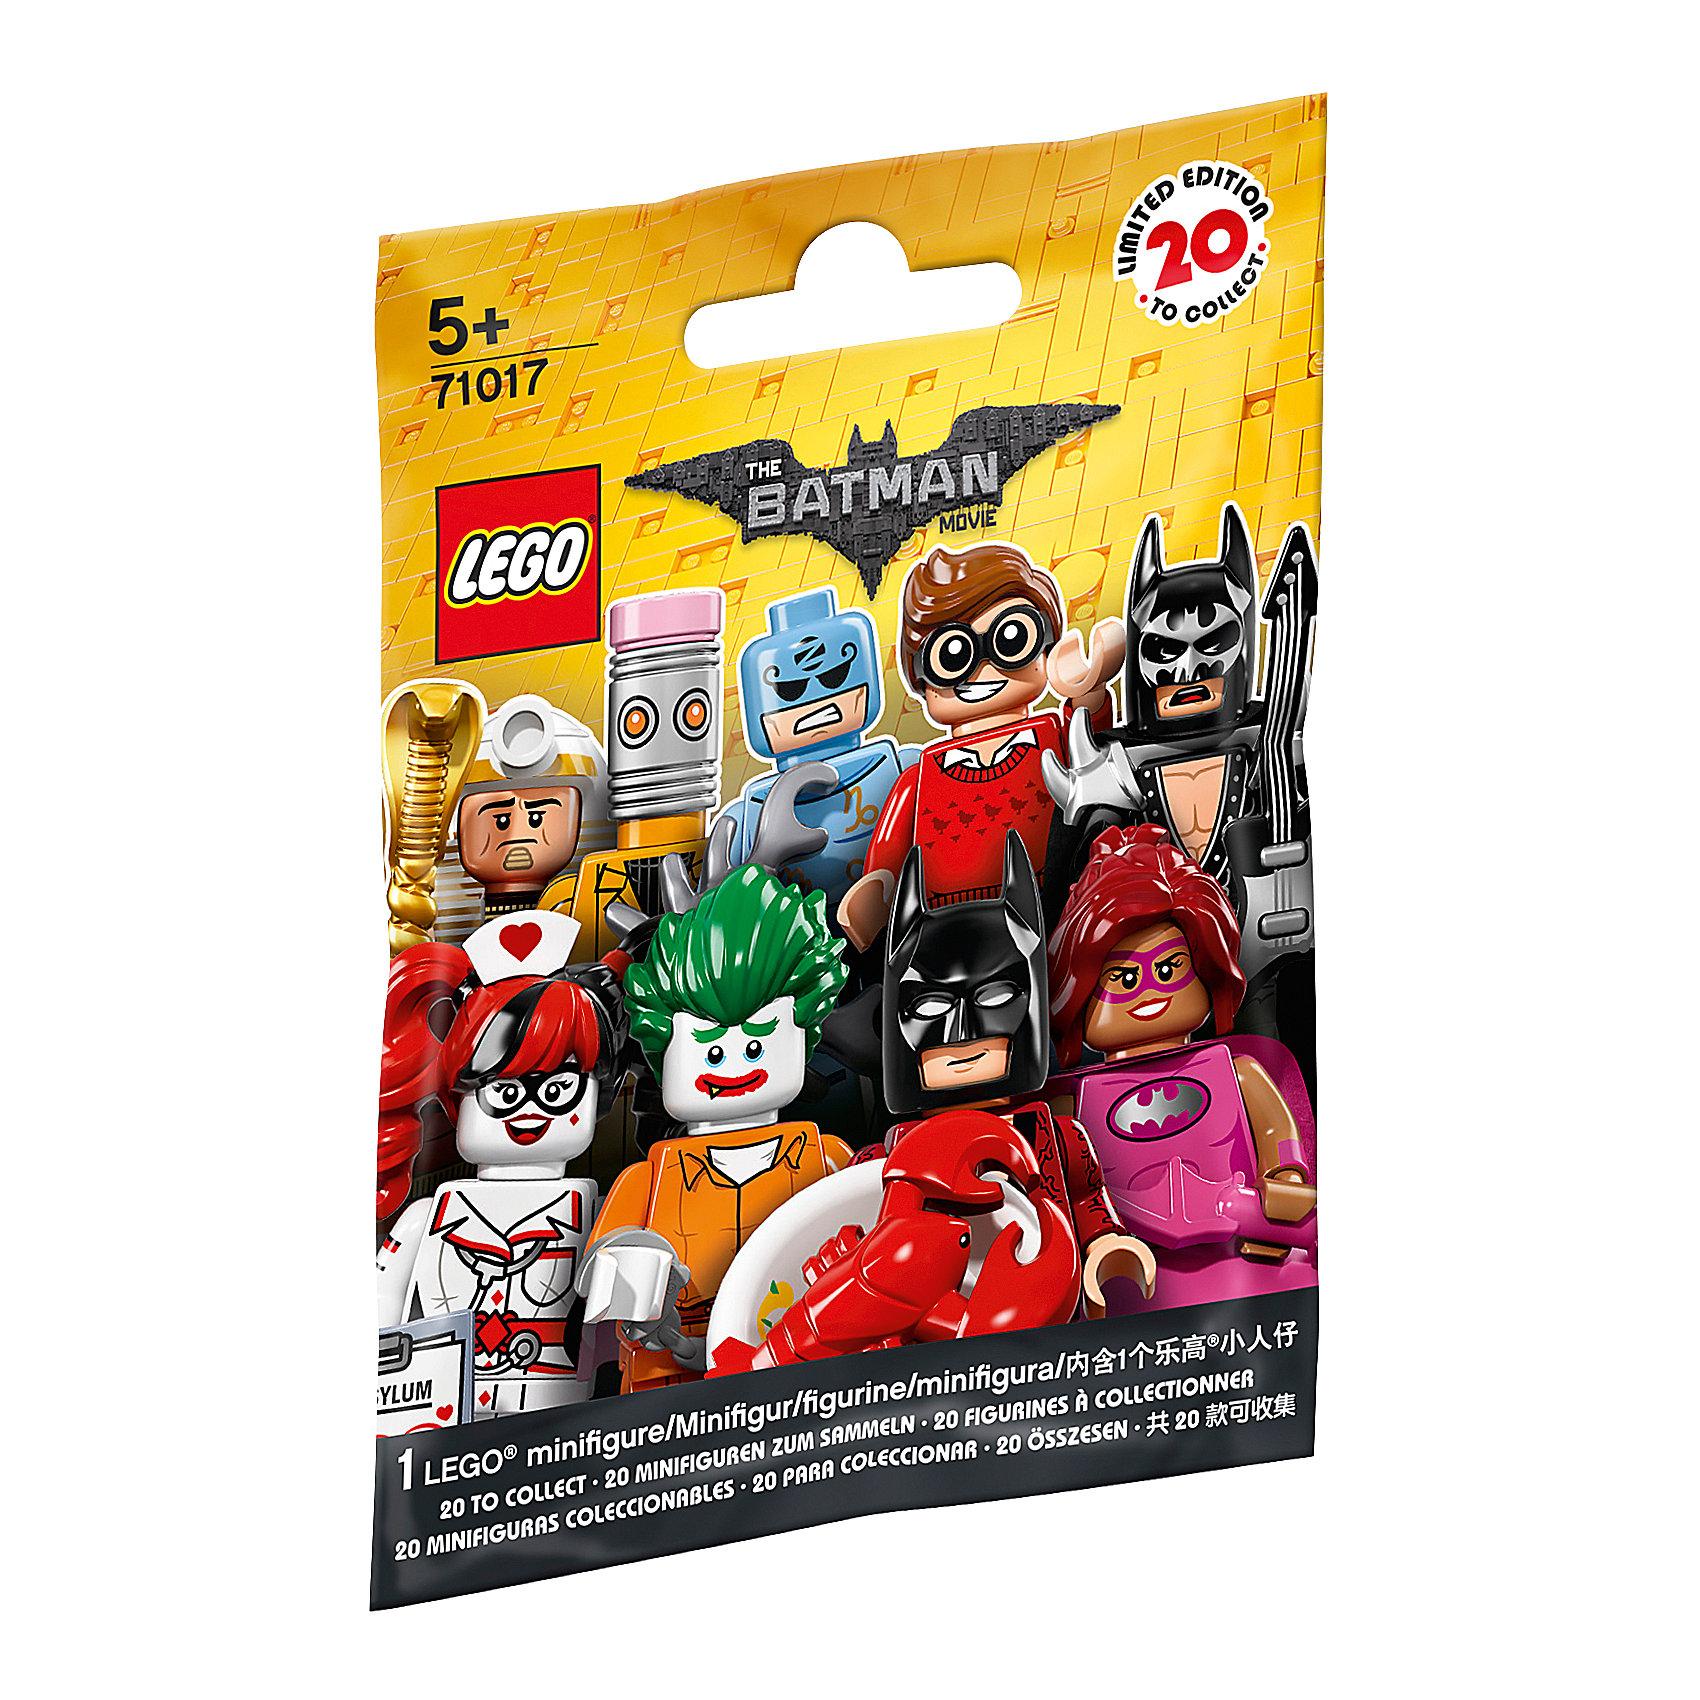 LEGO 71017: Минифигурки ЛЕГО Фильм: БэтменПластмассовые конструкторы<br>LEGO 71017: Минифигурки ЛЕГО Фильм: Бэтмен<br><br>Характеристики:<br>- в набор входит: 1 минифигурка, демонстрационная пластина, брошюра<br>- состав: пластик<br>- для детей в возрасте: от 5 до 14 лет<br>- Страна производитель: Дания/Китай/Чехия<br><br>Легендарный конструктор LEGO (ЛЕГО) представляет серию «Batman Movie» (Бэтмен Муви) по сюжету одноименного лего мультфильма. Серия понравится любителям комиксов DC и историй о Бэтмене. <br><br>В серию минифигурок вошли целых 20 персонажей. В каждой упаковке одна минифигурка-сюрпиз, какая именно попадется вам? Это могут быть: Дик Грейсон в очках, простом свитере и отпугивателем акул в руках (Робин, помощник Бетмена); Зодиак Мастер с аксессуарами; медсестра Харли Квин с историей болезни Джокера; Комиссар Гордон с рацией и листовкой о поиске опасного злодея Джокера; Мим, вооруженная двумя молниями; глэм-металл Бэтмен с электрогитарой, плащом, наплечниками и принтом летучей мыши на маске; новый злодей Калькулятор; Человек-Касатка; <br><br>доисторичейский Бэтмен с коричневым плащом и внушительной дубиной; Кэтмен с металлическими когтями; злодей Красный Колпак с бластерами; Бэтмен Фея в розовой пачке с крылышками и с волшебной палочкой; Бэтгёрл сила розового в розовой юбочке, розовом плаще и с розовым бэторангом; король-фараон Тут с посохом в виде кобры и змеей в руках; Марч Харриет в головном уборе в виде кролика и с оружием в руках; Бэтмен на отдыхе в плавательных очках, надувном круге и съемных ластах; Джокер из лечебницы Аркхэм; Барбара Гордон в униформе с наручниками и кнопкой бетсигнала; преступник Стиратель с головой в виде ластика и злым планом по удалению; любитель лобстеров Бэтмен в роскошном халате и с лобстером на тарелке в руке. Наполните свой лего-город героями из «Batman Movie» (Бэтмен Муви)!<br><br>LEGO 71017: Минифигурки ЛЕГО Фильм: Бэтмен можно купить в нашем интернет-магазине.<br><br>Ширина мм: 114<br>Глубина мм: 90<br>Высота мм: 17<br